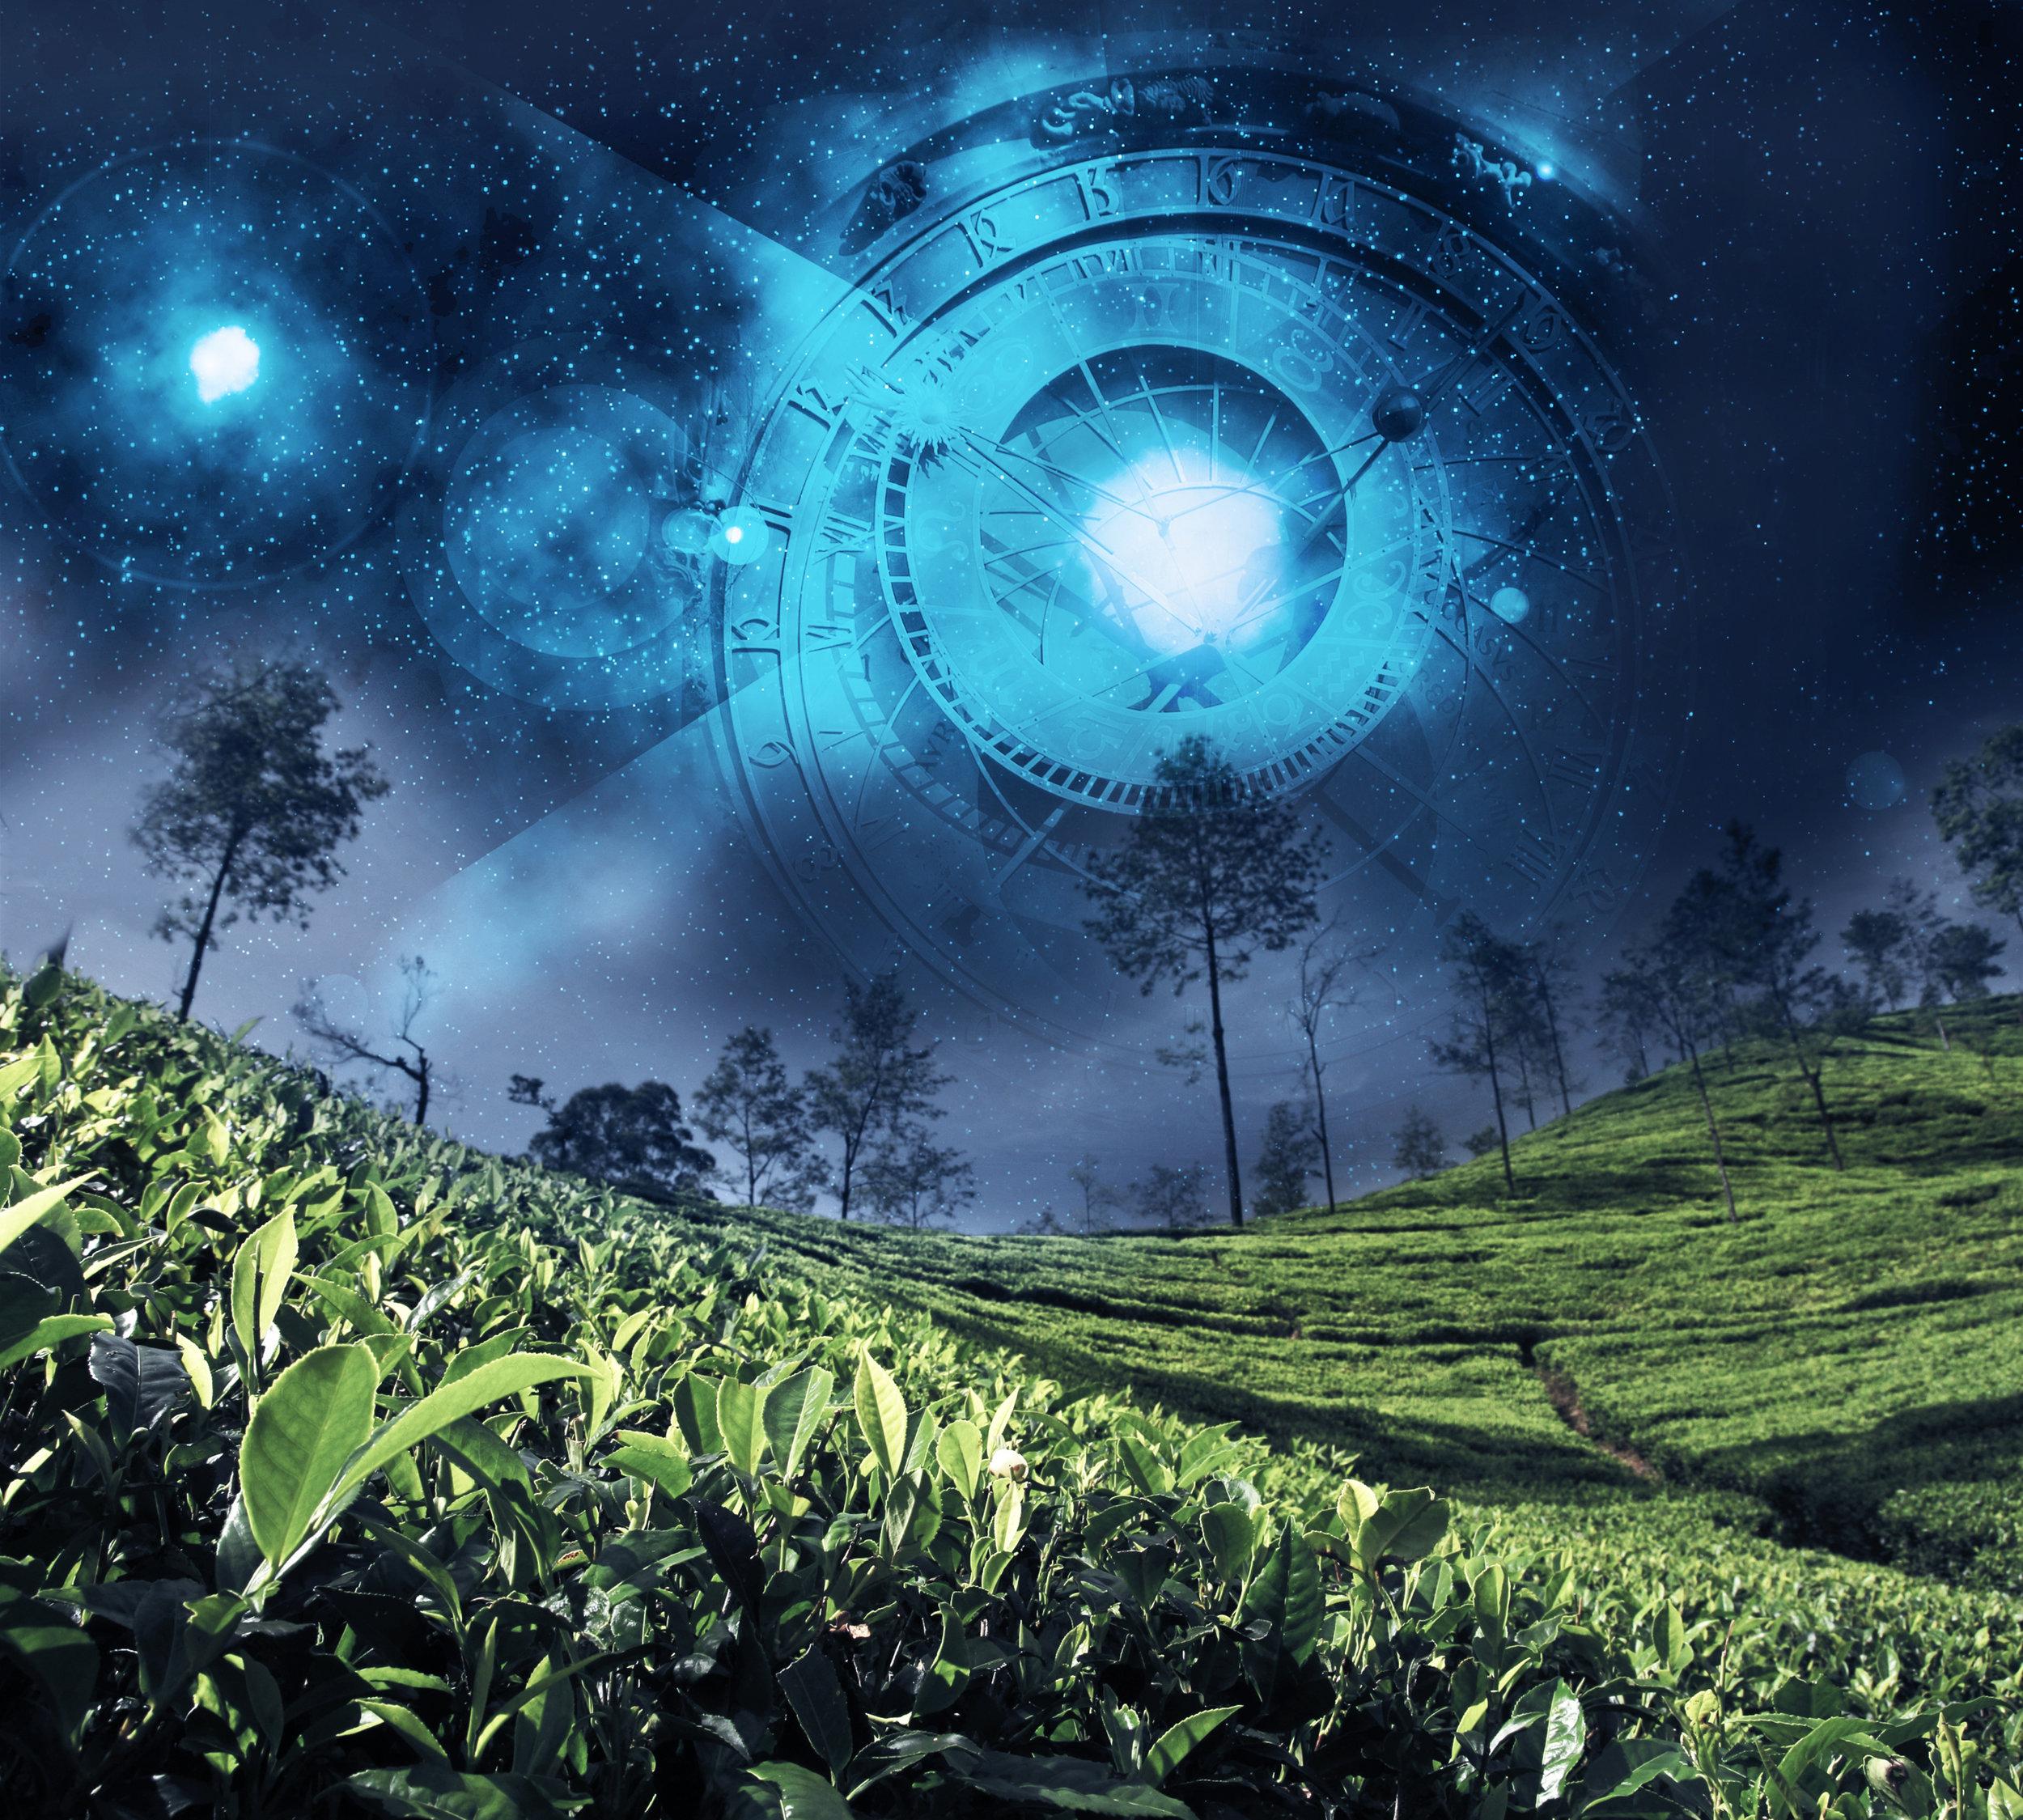 dreamstimemaximum_44814242Mod6.jpg